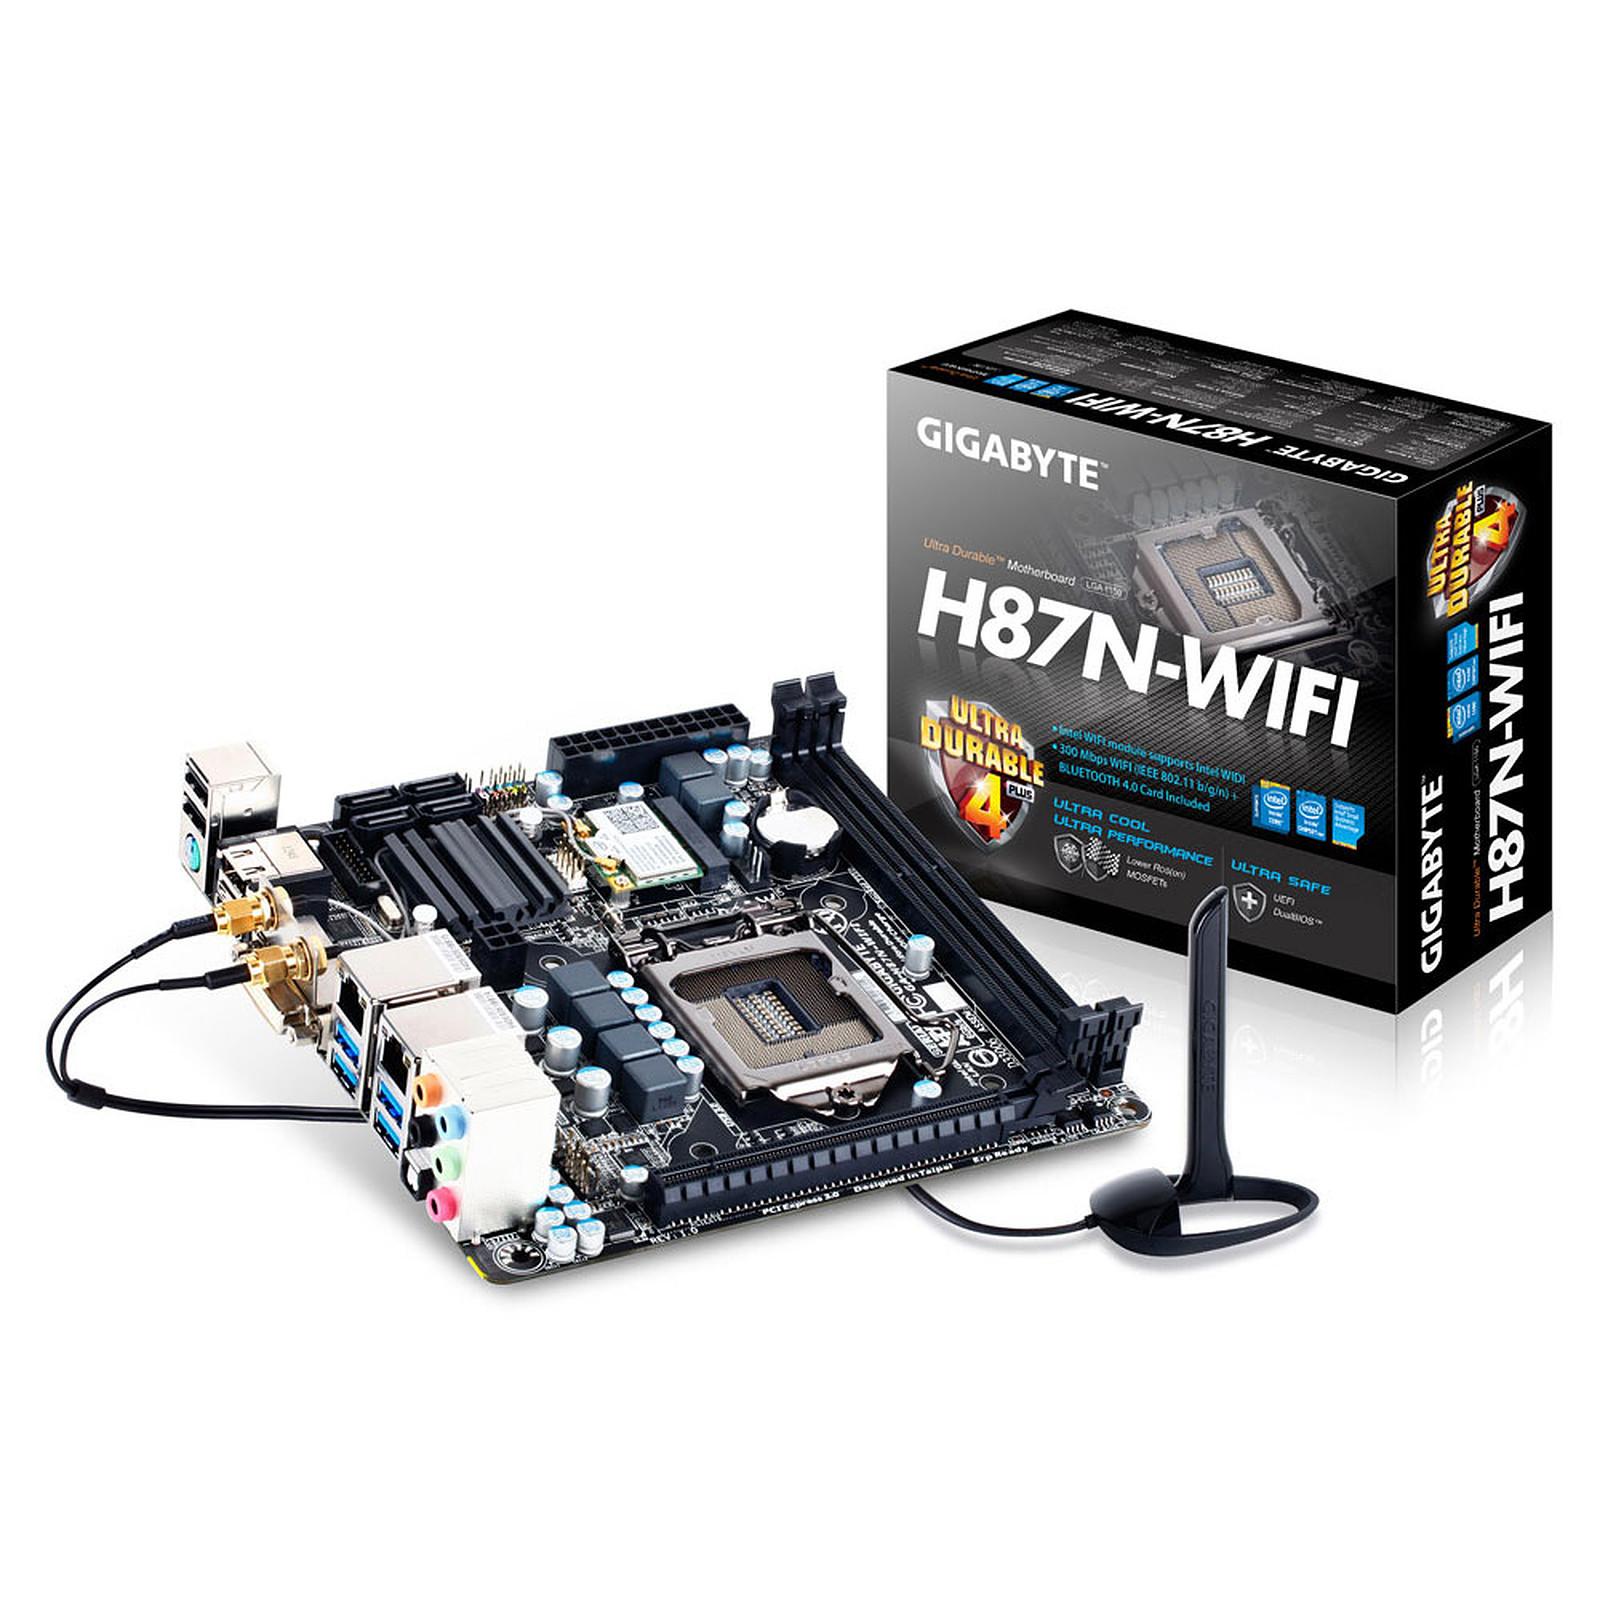 Gigabyte GA-H87N-WIFI